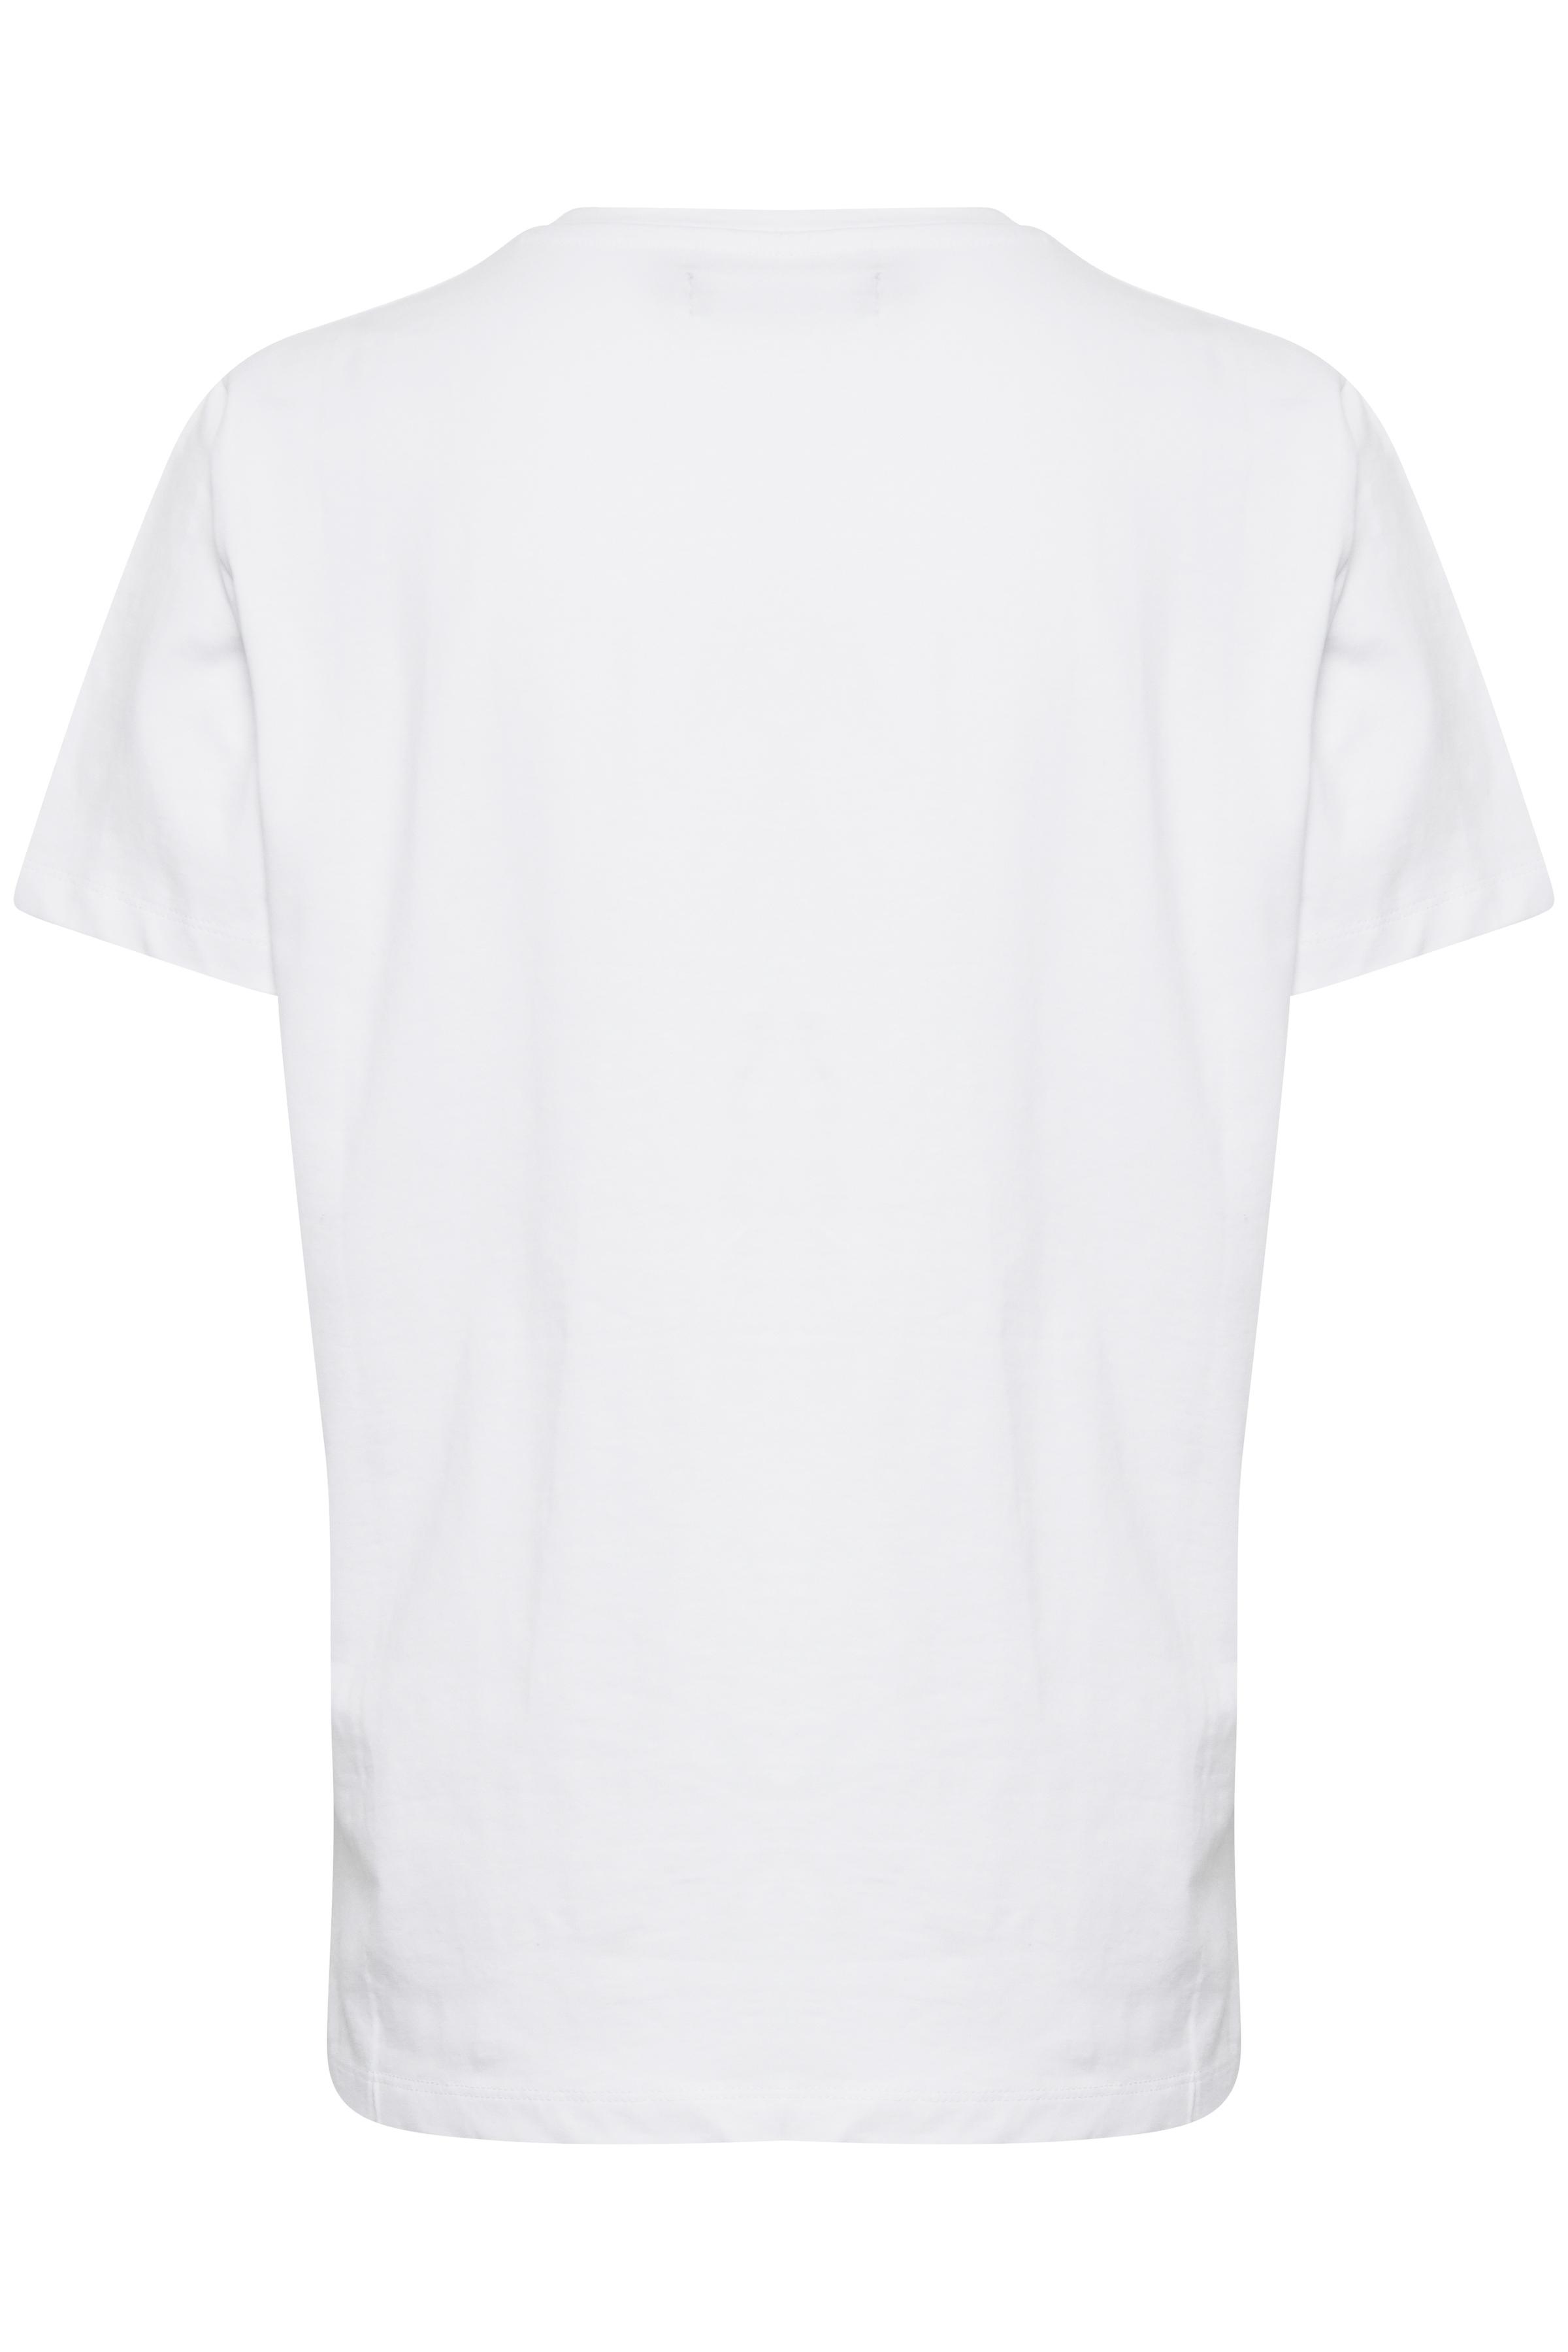 Hvid Kortærmet T-shirt fra b.young – Køb Hvid Kortærmet T-shirt fra str. XS-XXL her